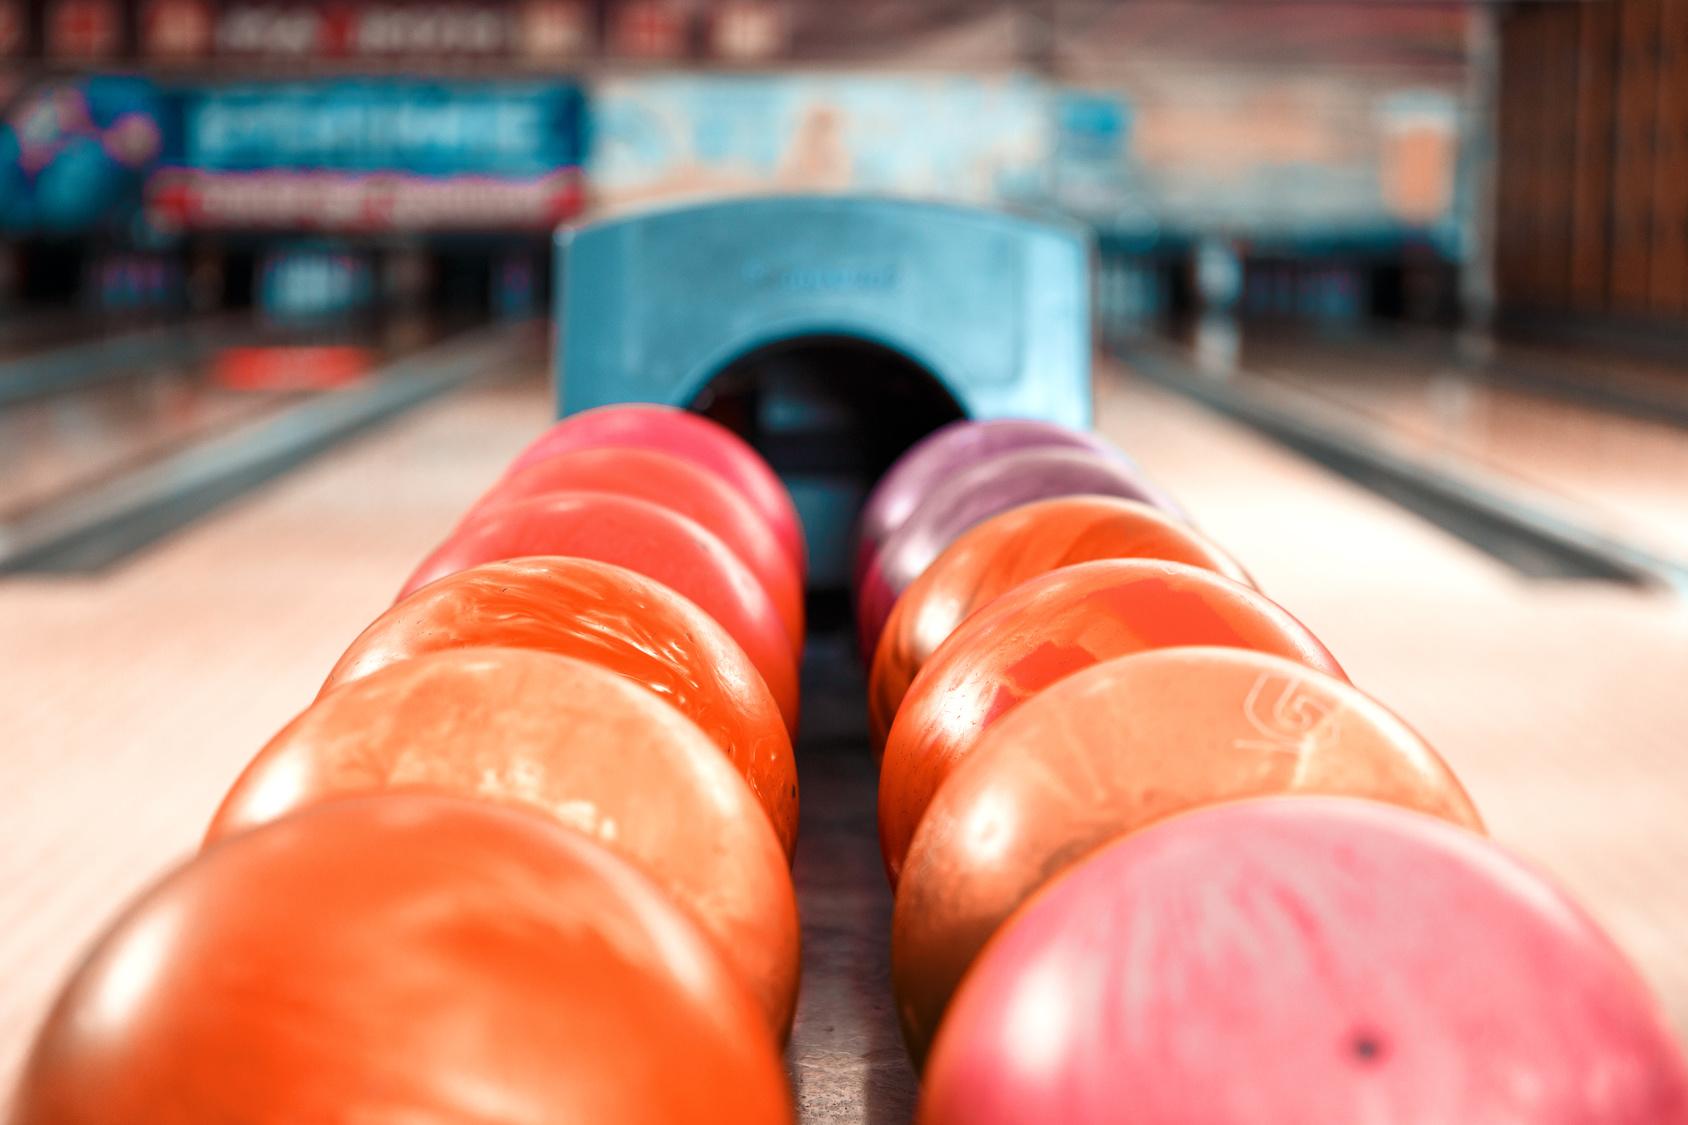 manhattan bowling sports bar werne. Black Bedroom Furniture Sets. Home Design Ideas